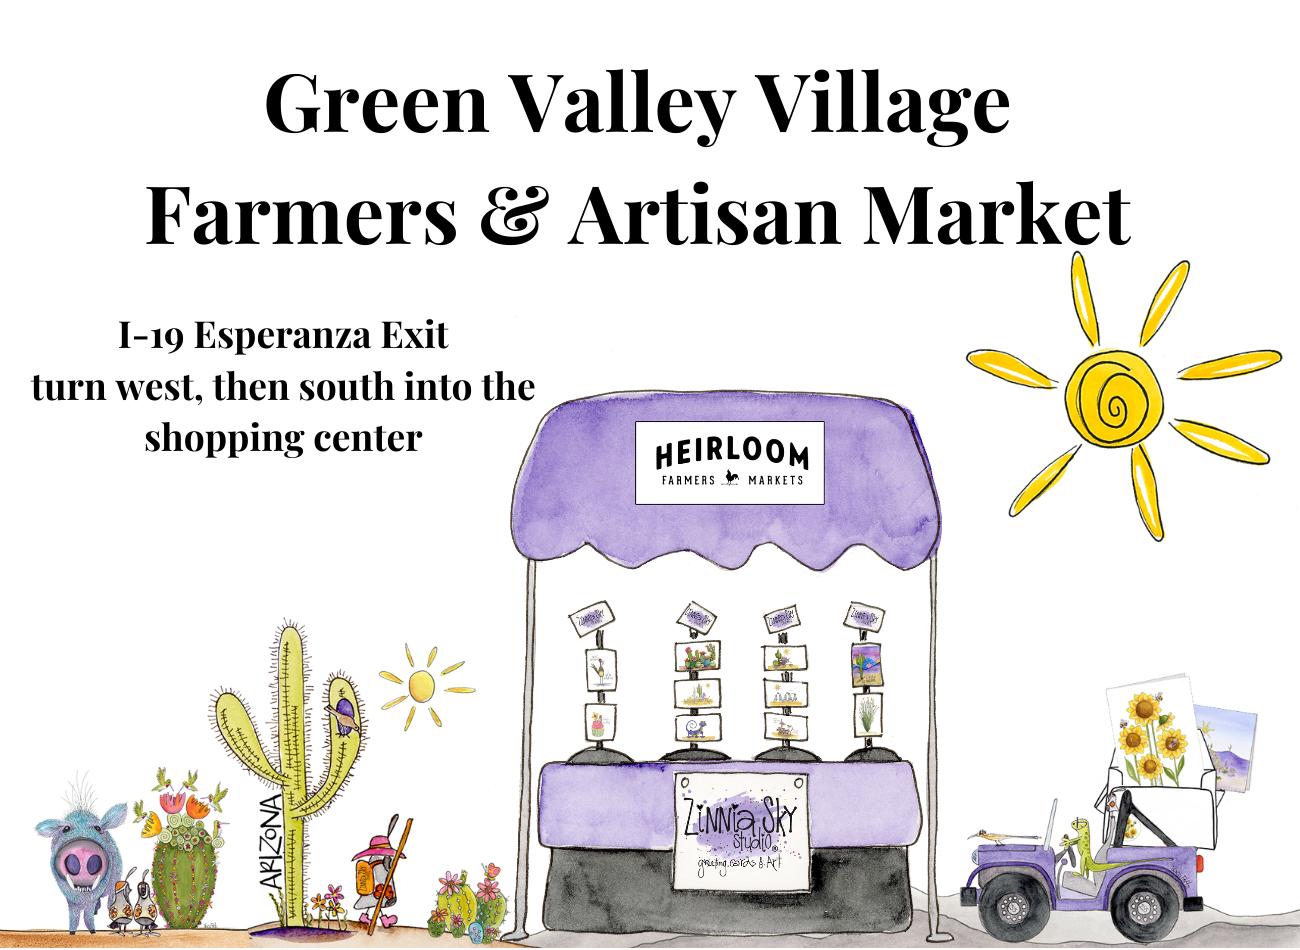 green valley village farmers & artisan market